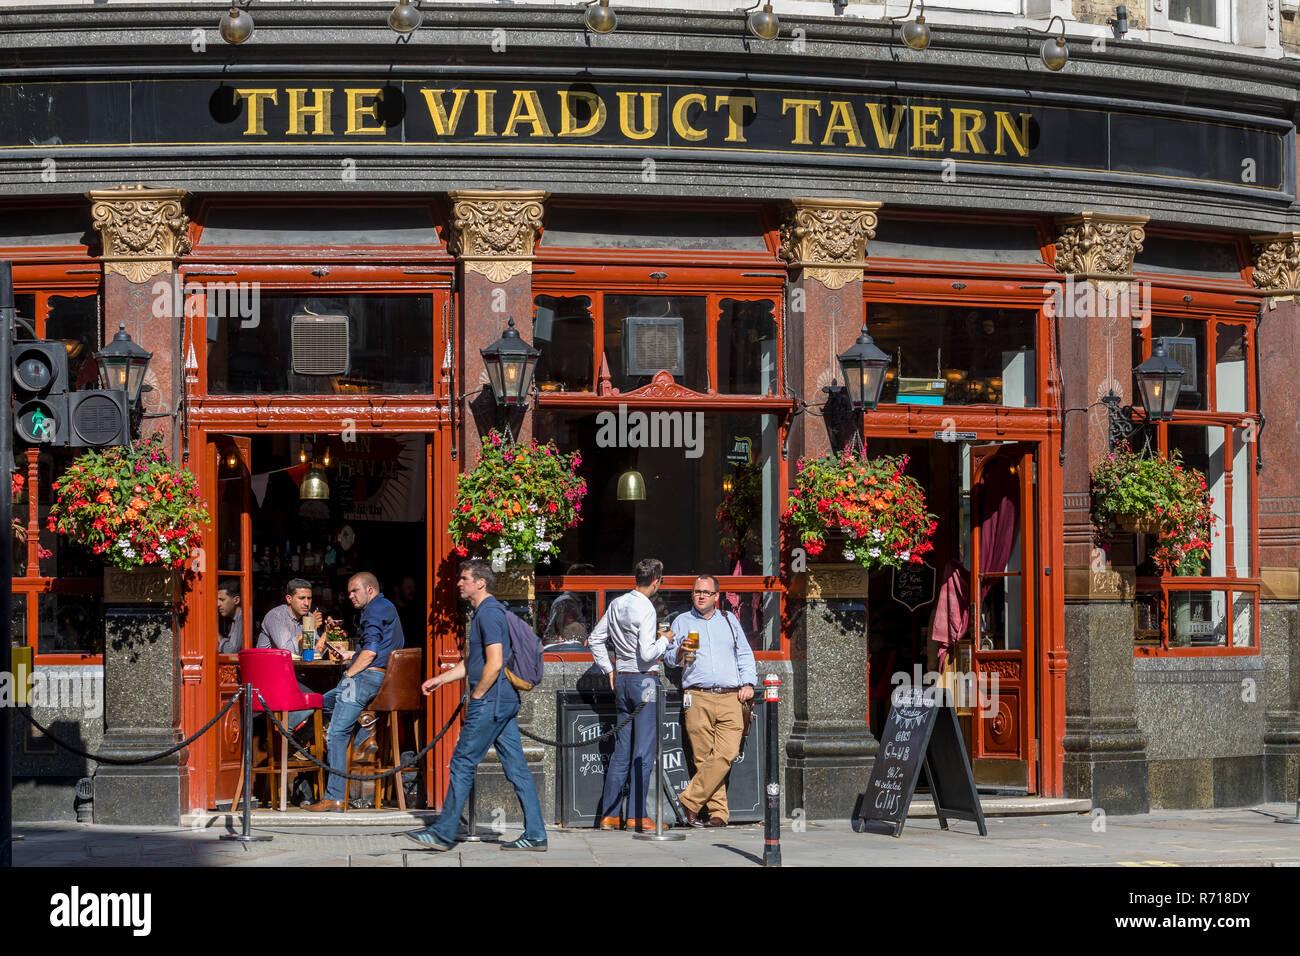 Berühmte und aufgeführten Pub der Viadukt Taverne, Holborn, London, Vereinigtes Königreich Stockbild